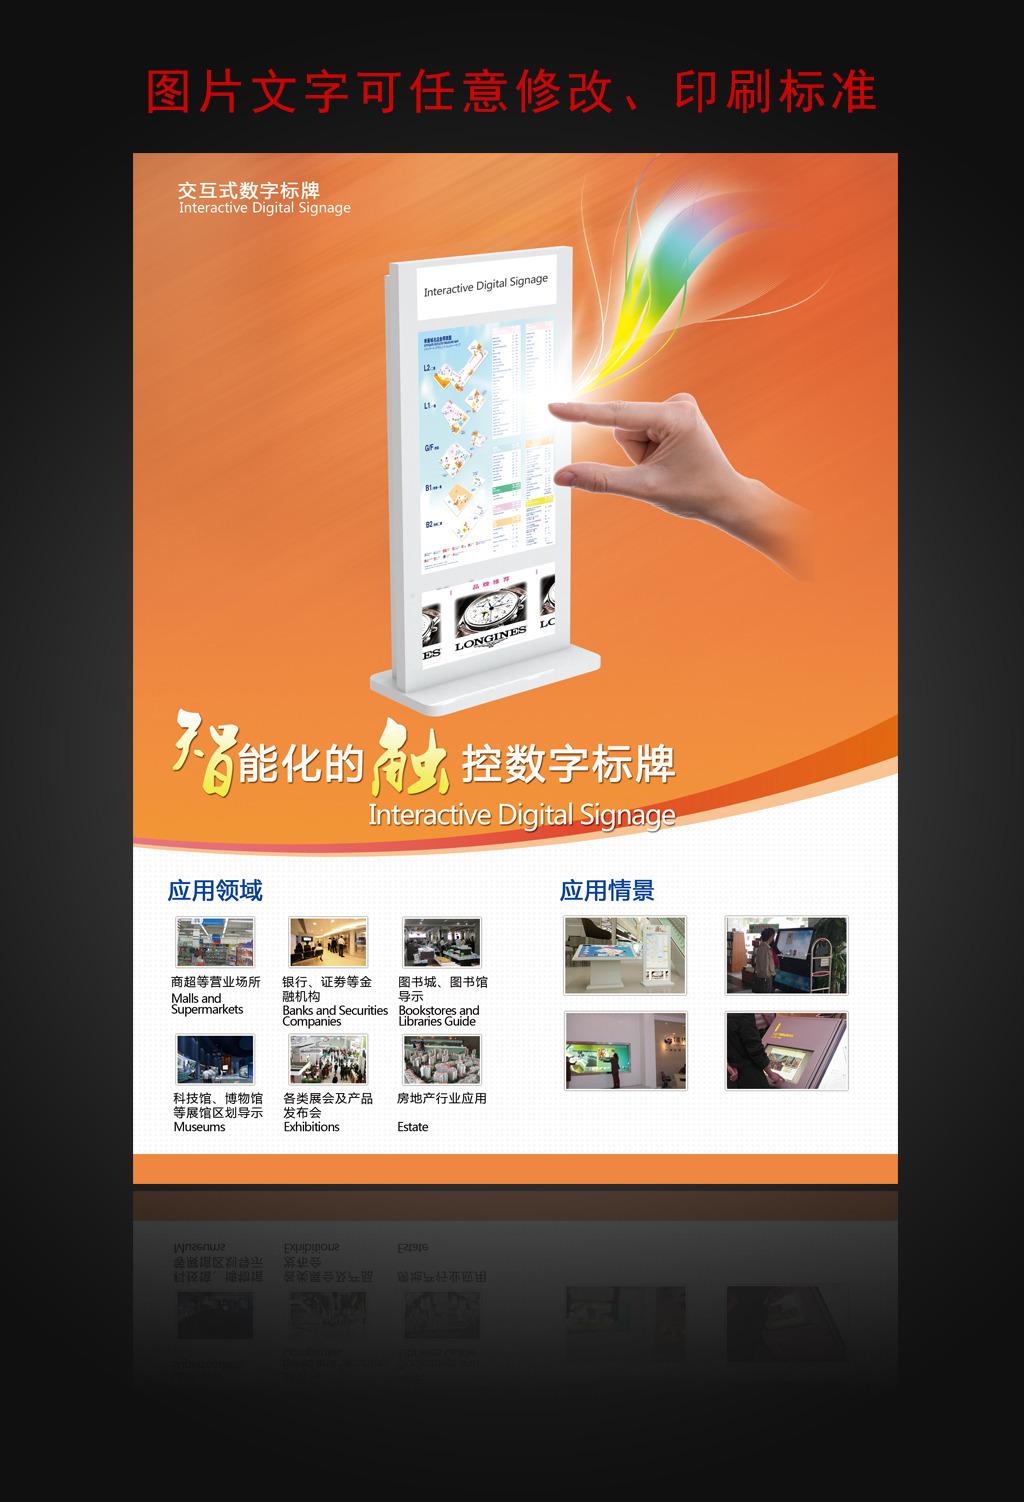 产品宣传单psd模板下载 产品宣传单psd图片下载 产品宣传单psd模板图片